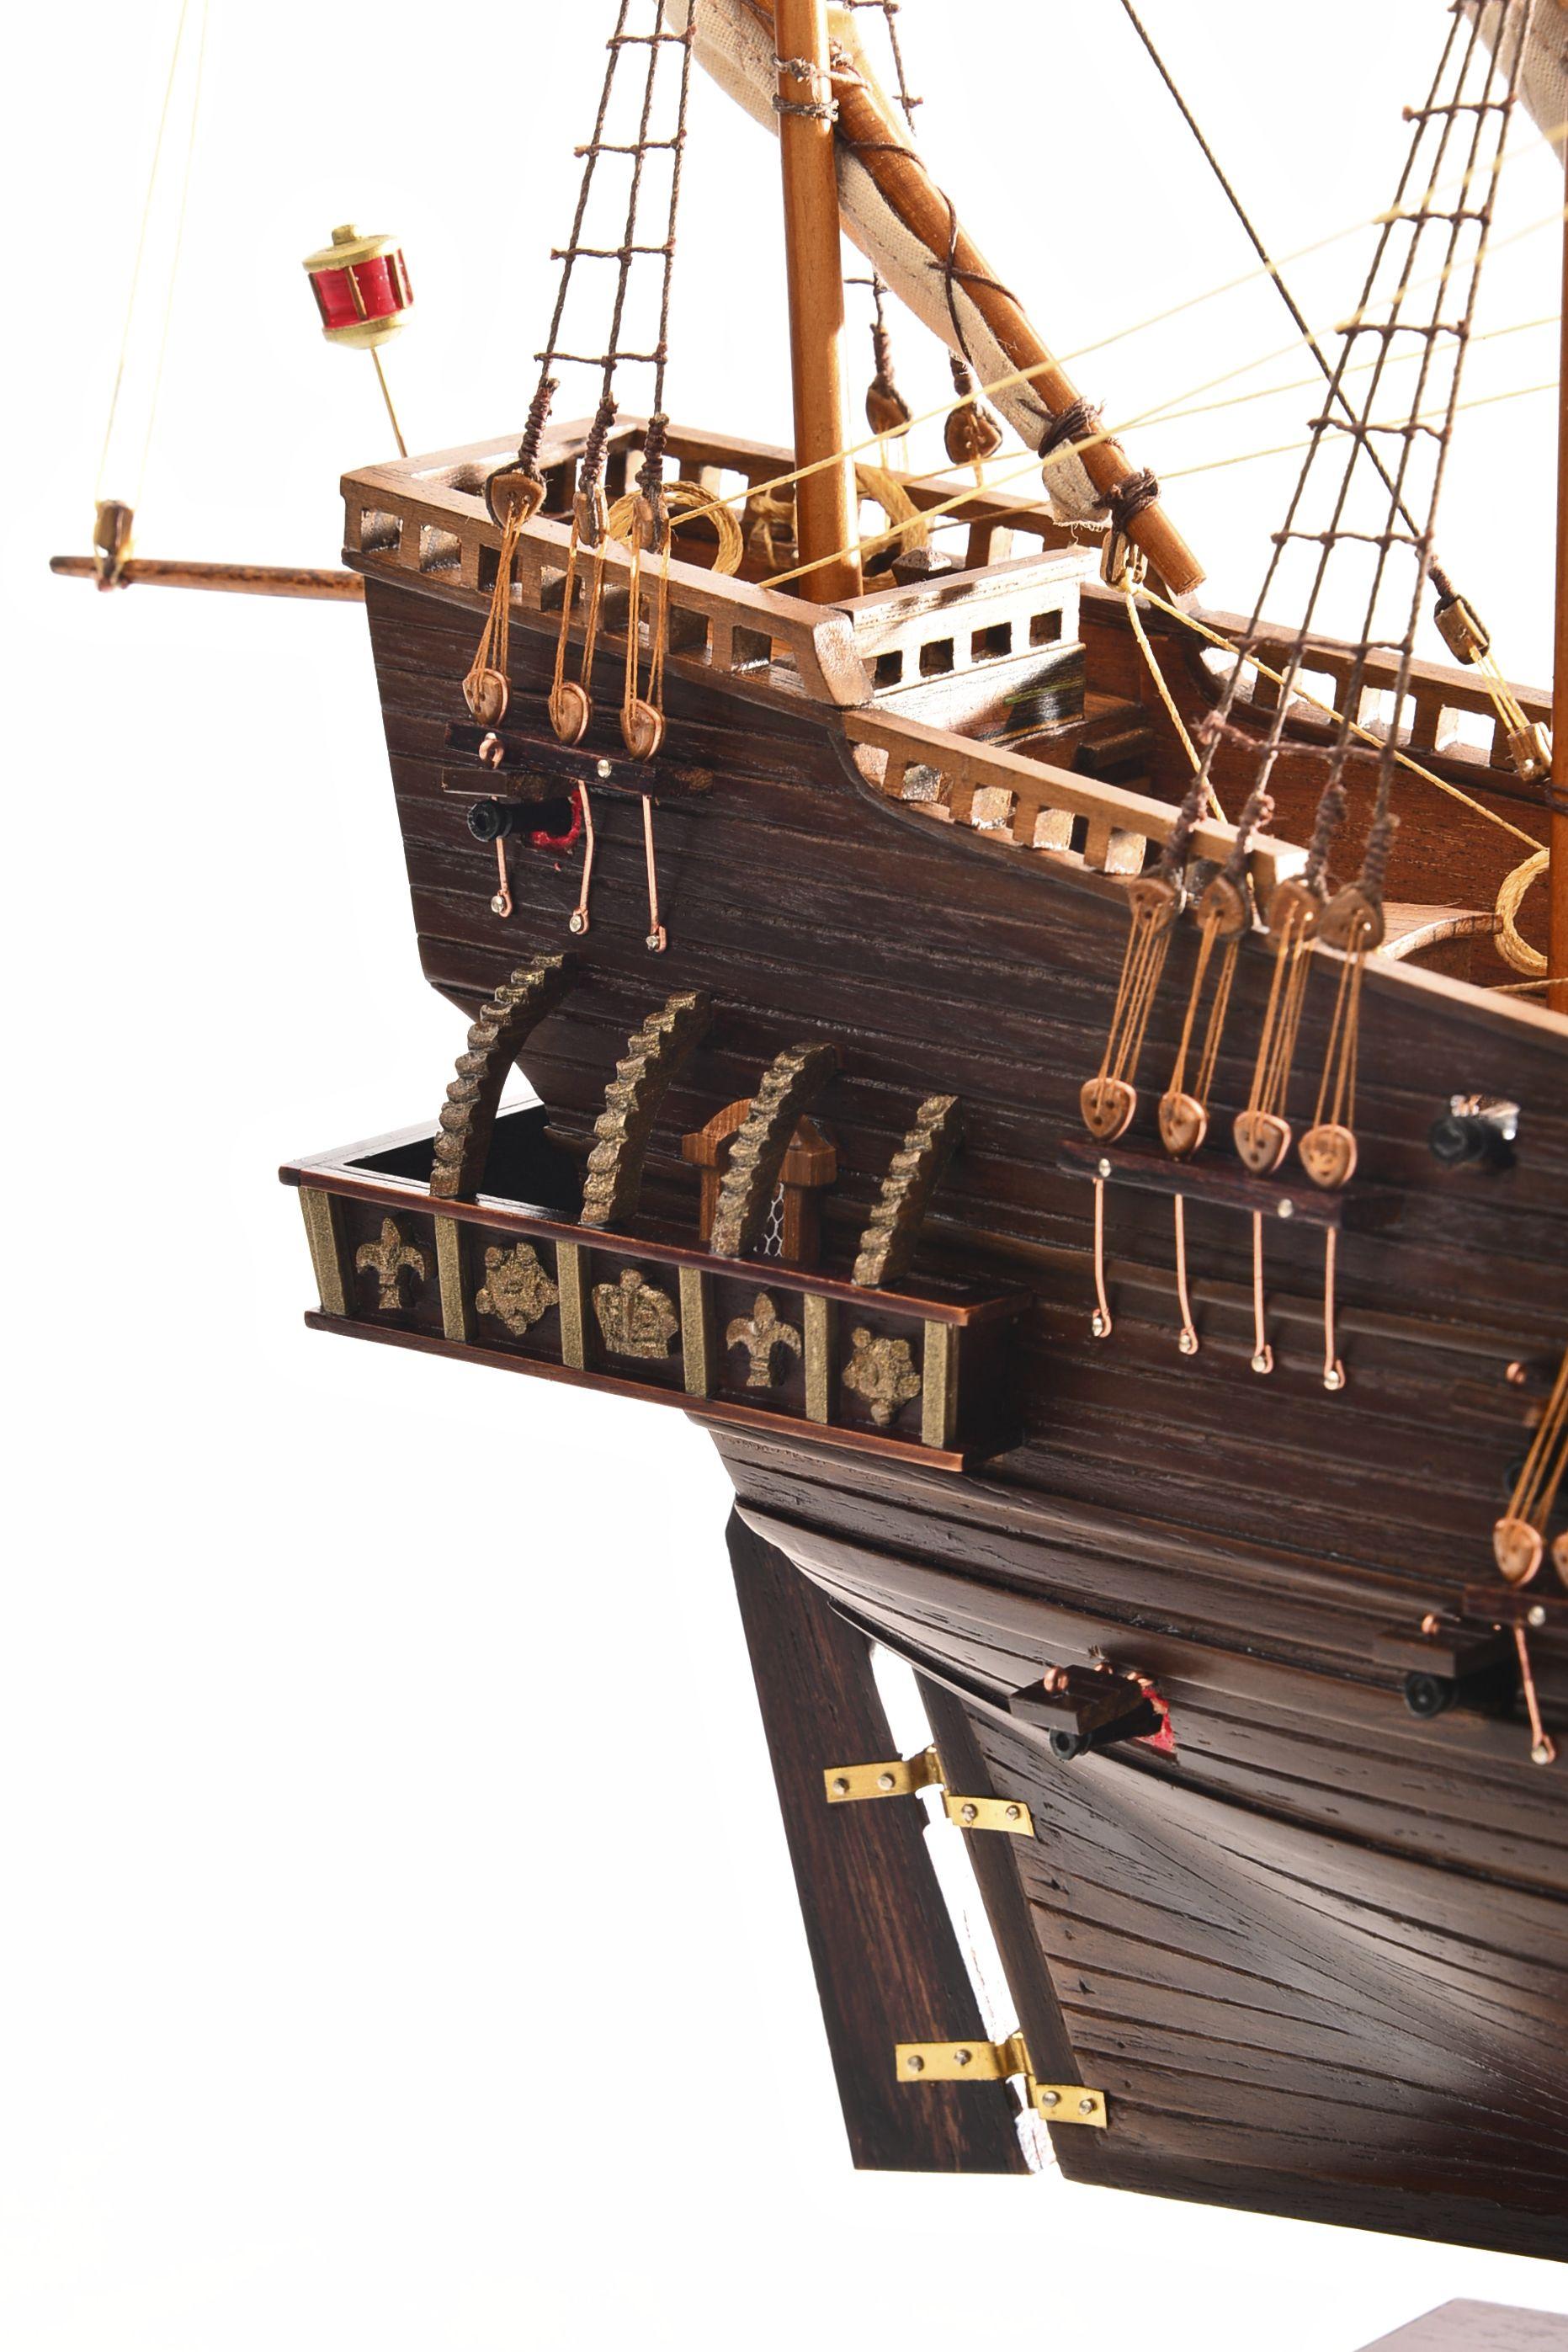 1803-10776-Hms-Revenge-Model-Ship